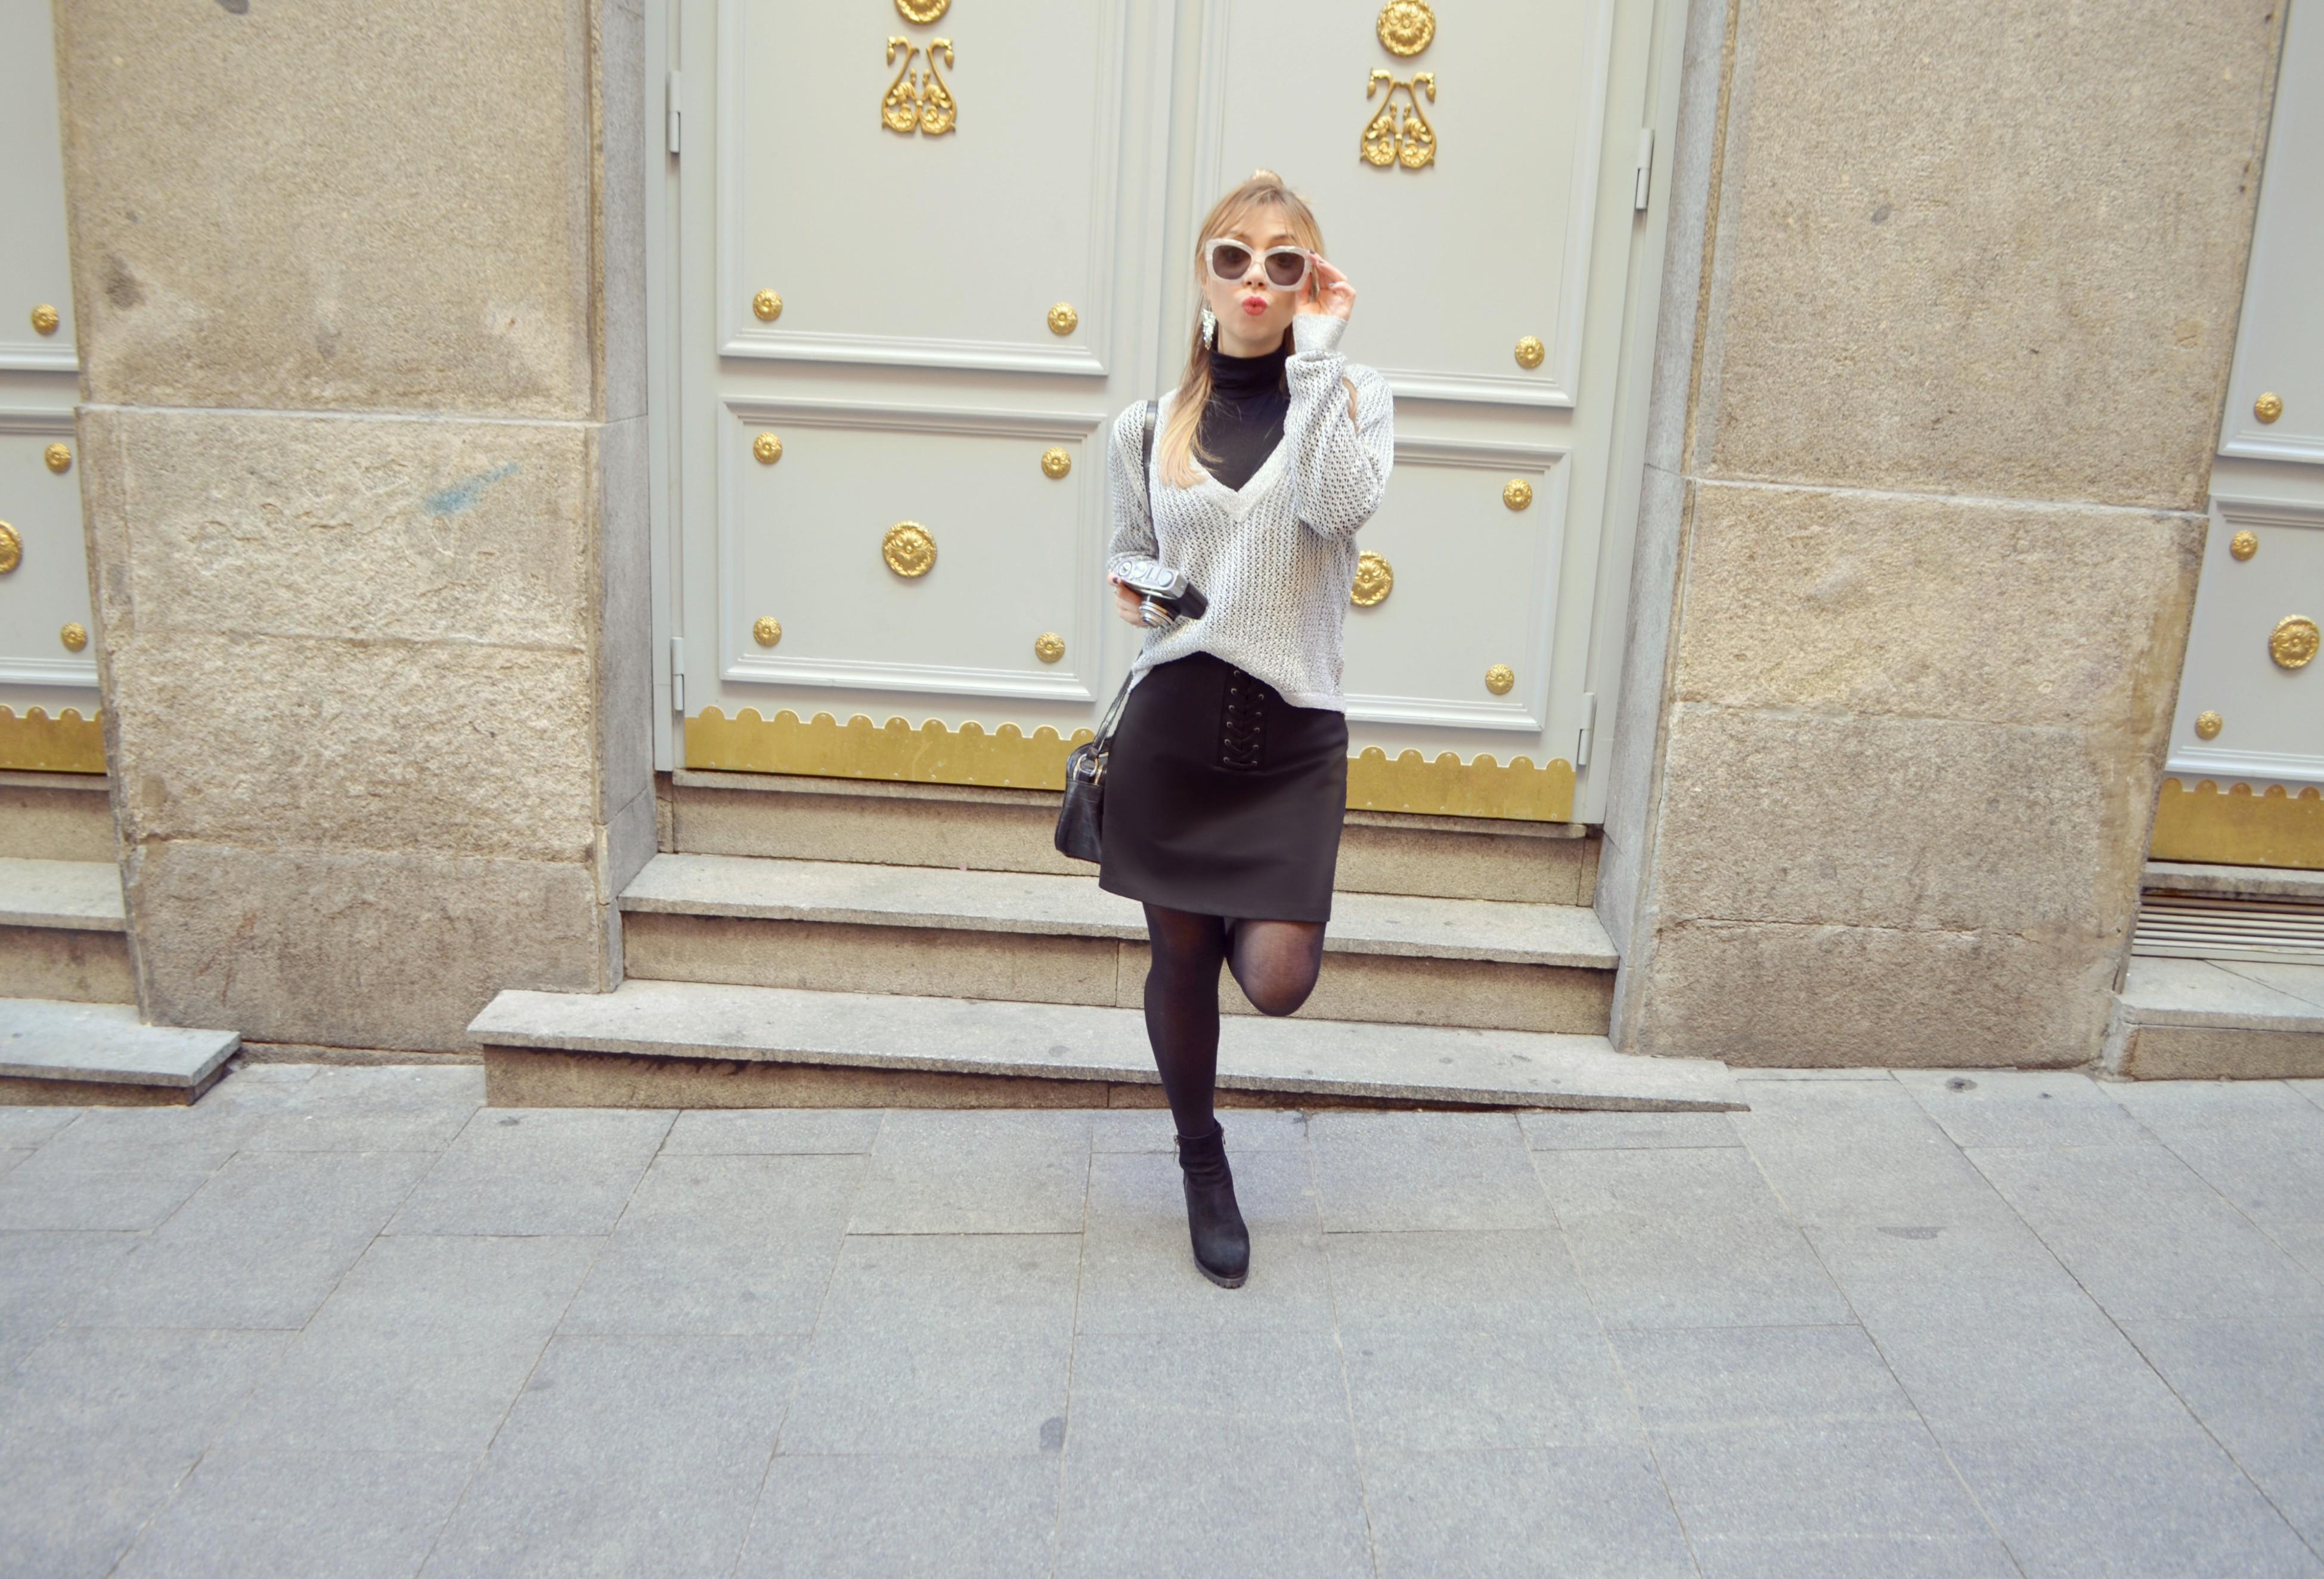 Monki-accessories-blog-de-moda-gafas-blancas-ChicAdicta-fashionista-Chic-Adicta-Amichi-Madrid-look-casual-PiensaenChic-Piensa-en-Chic